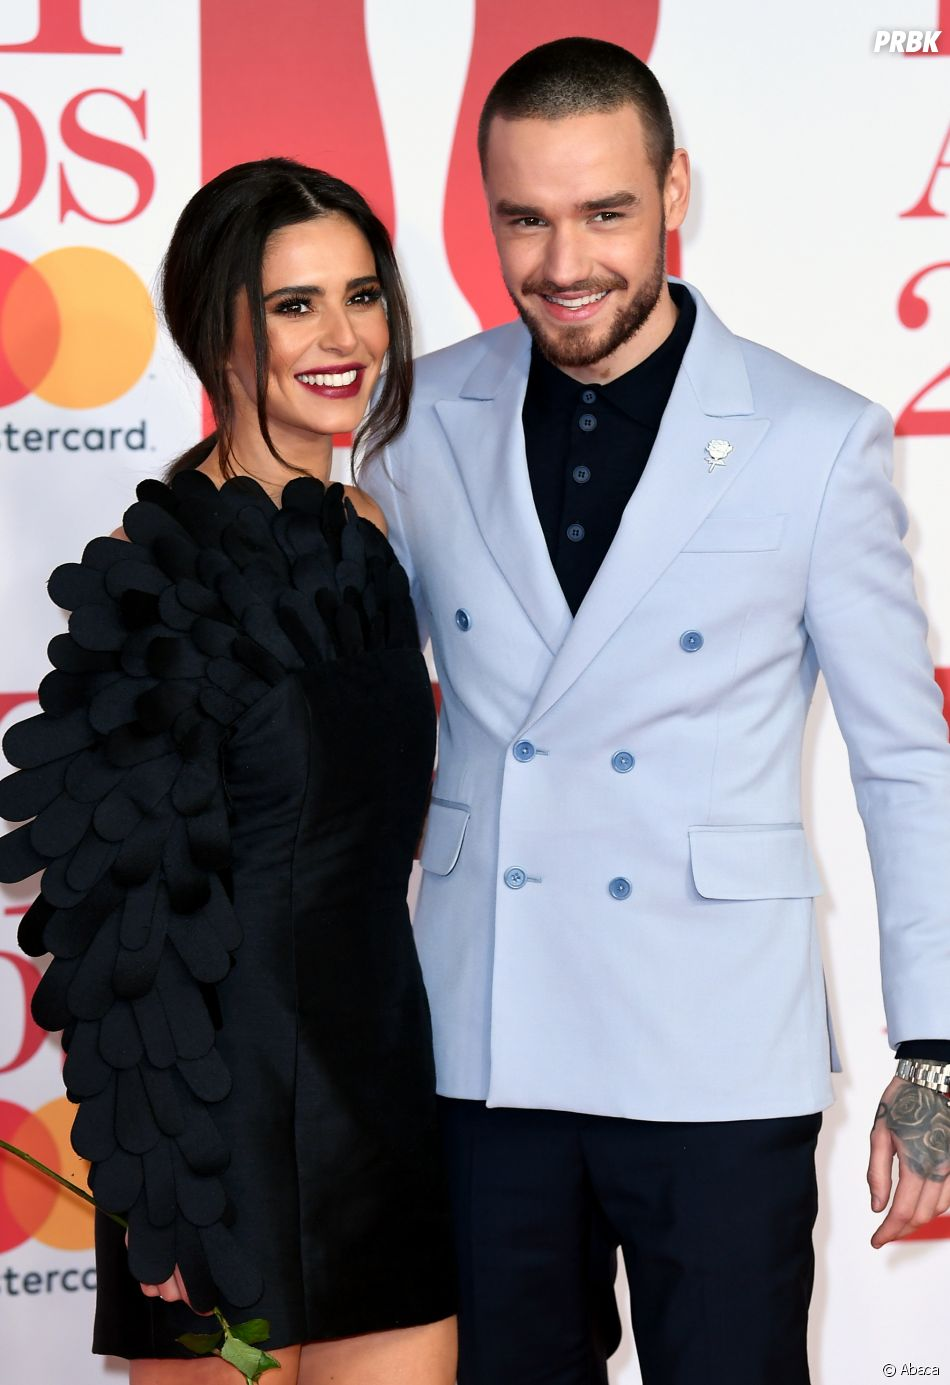 Liam Payne et Cheryl Cole toujours en couple aux BRIT Awards 2018 le 21 février à Londres